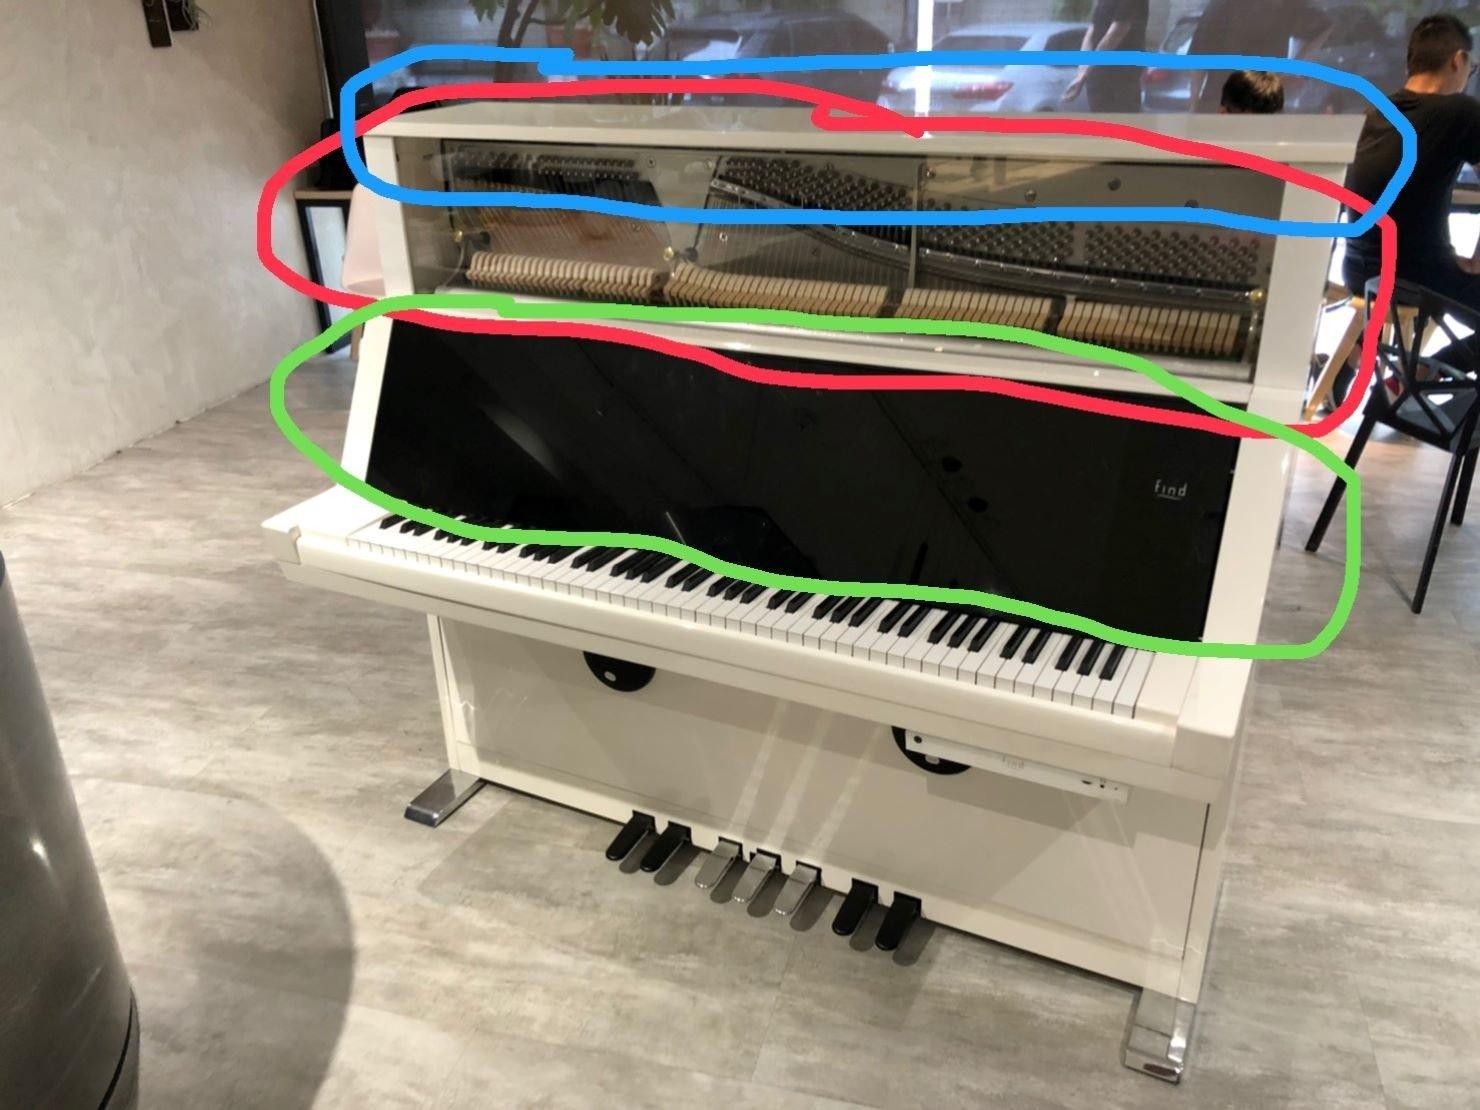 專搬鋼琴推薦【榮福搬家公司】跨縣搬家、搬家首選、搬家公司推薦:大台北搬家,精緻包裝搬運「細膩包裝、專業搬運、用心服務、以客為尊」是榮福搬家公司的宗旨與精神。歡迎立即來電02-2651-2727專人服務。各式各樣鋼琴搬運,智慧型鋼琴找專業的榮福搬家就對了。